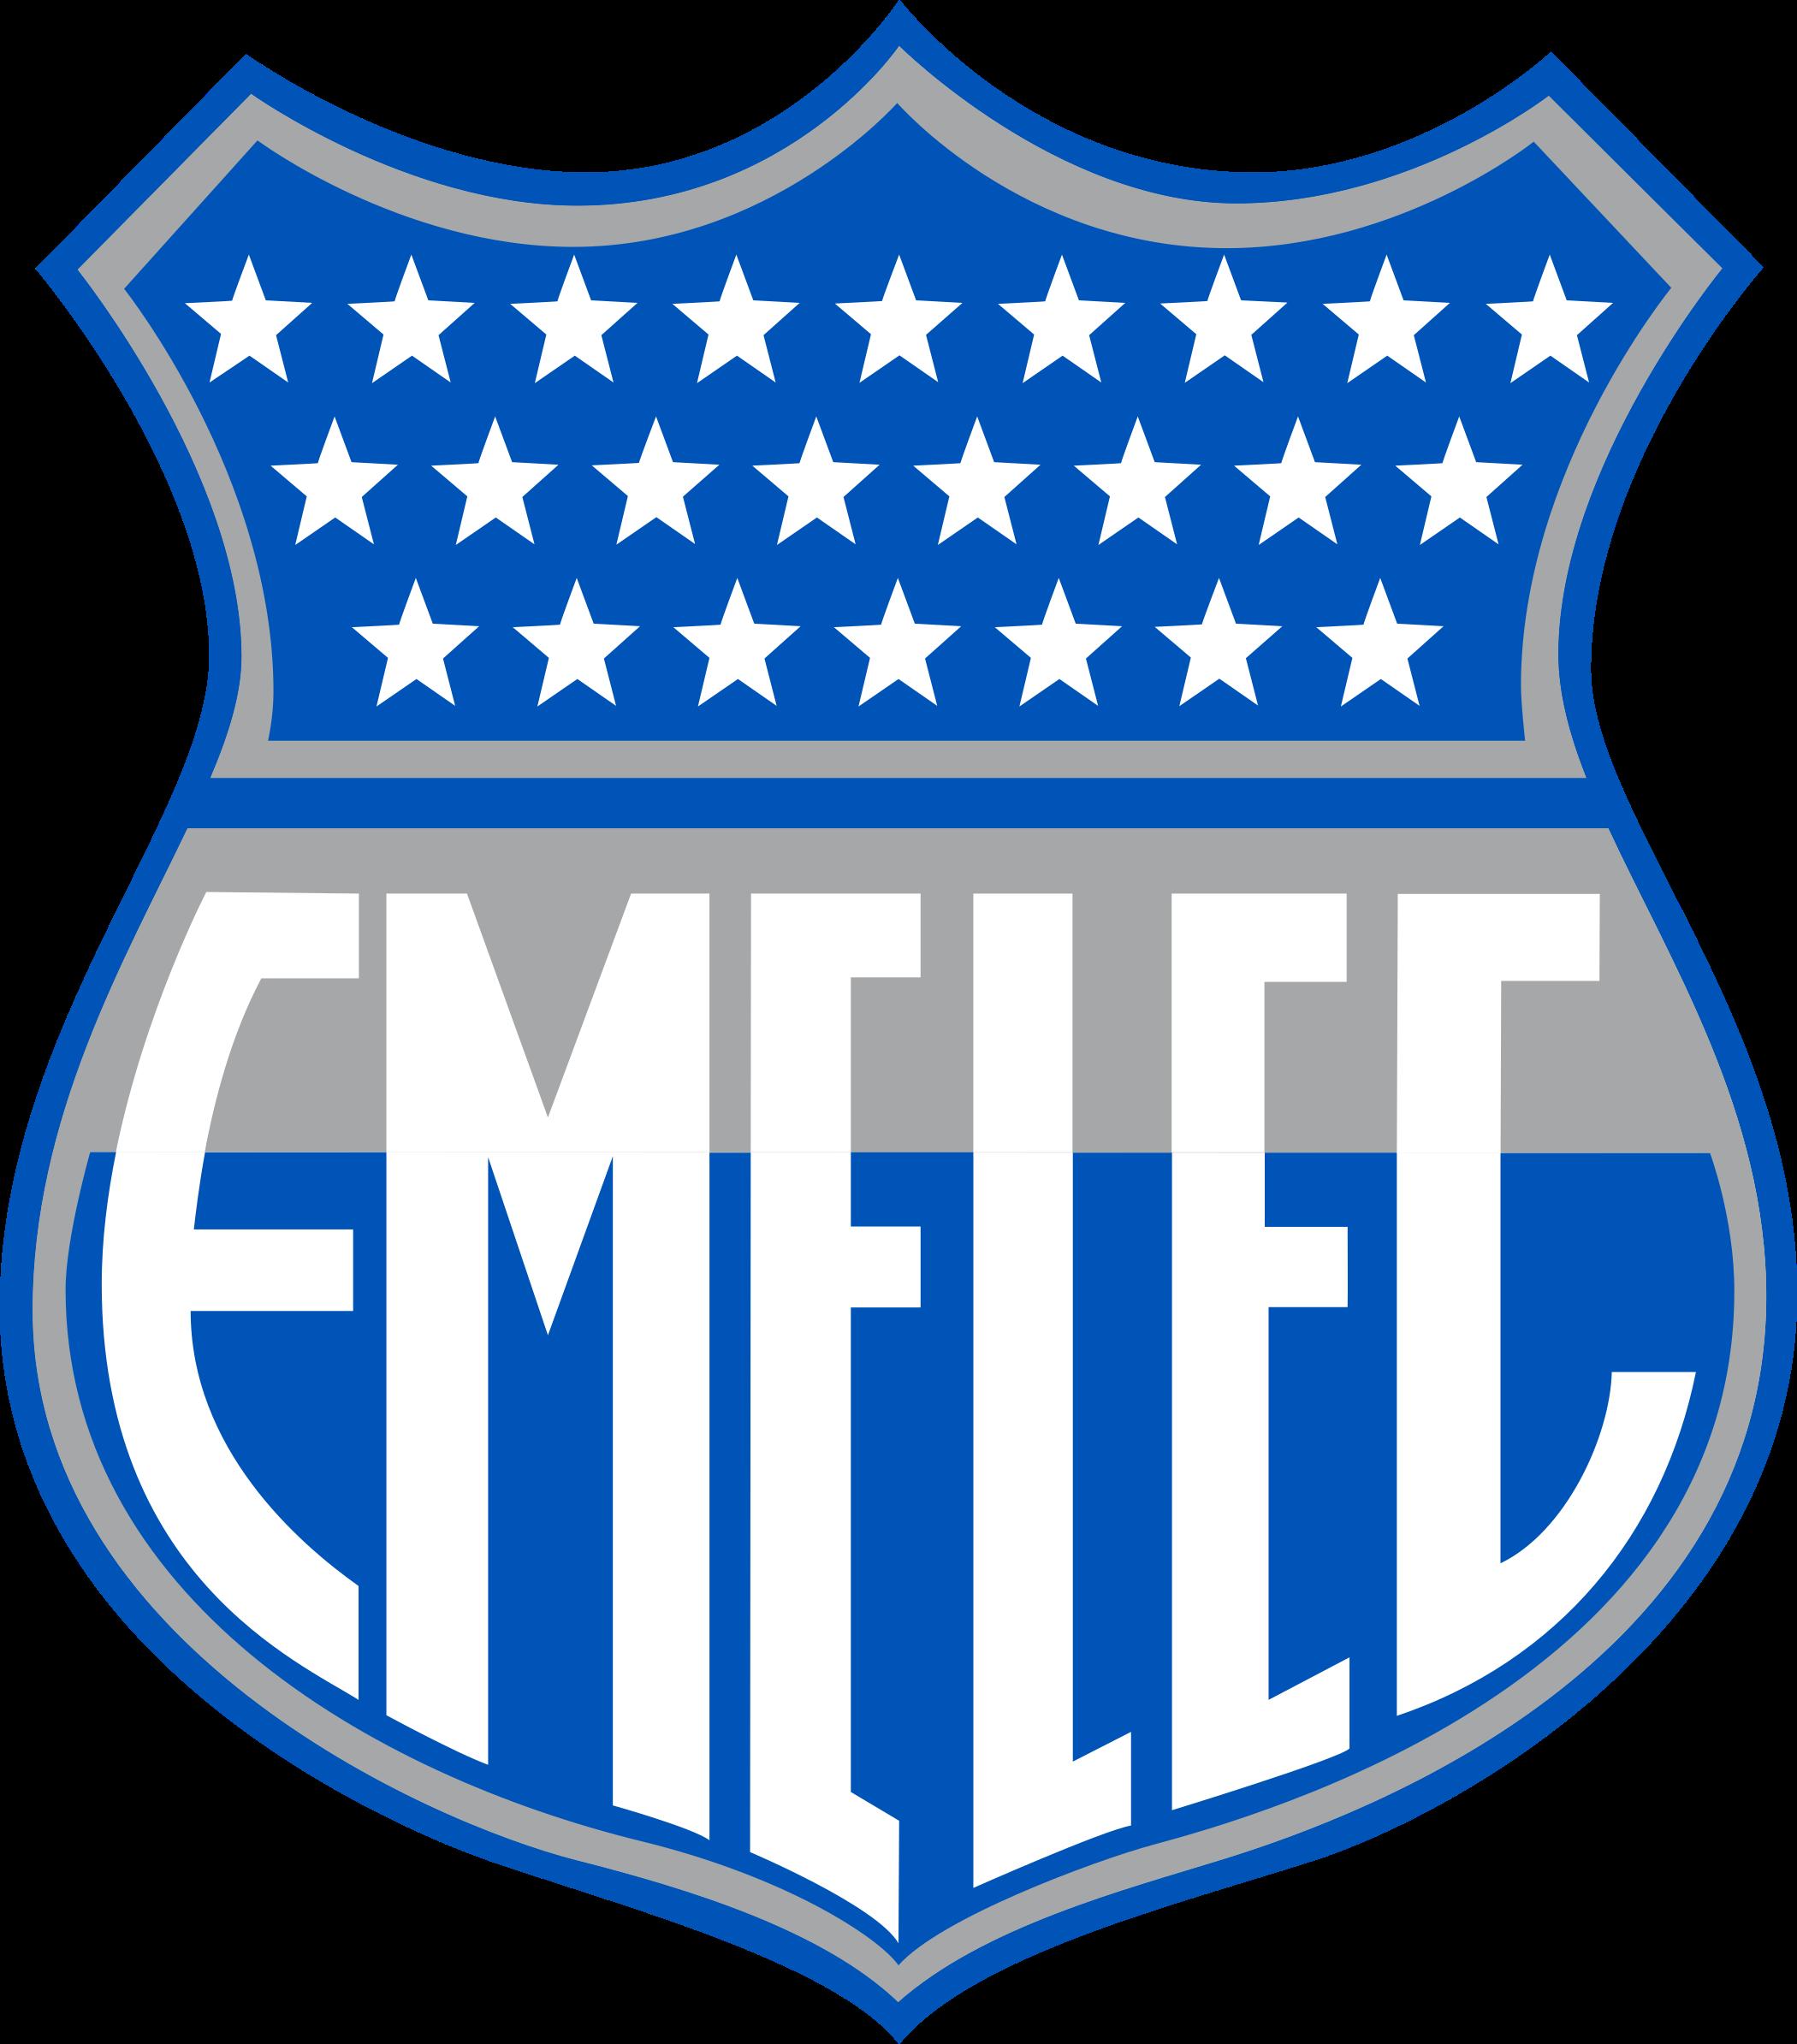 emelec logo escudo 1 - Club Sport Emelec Logo - Escudo